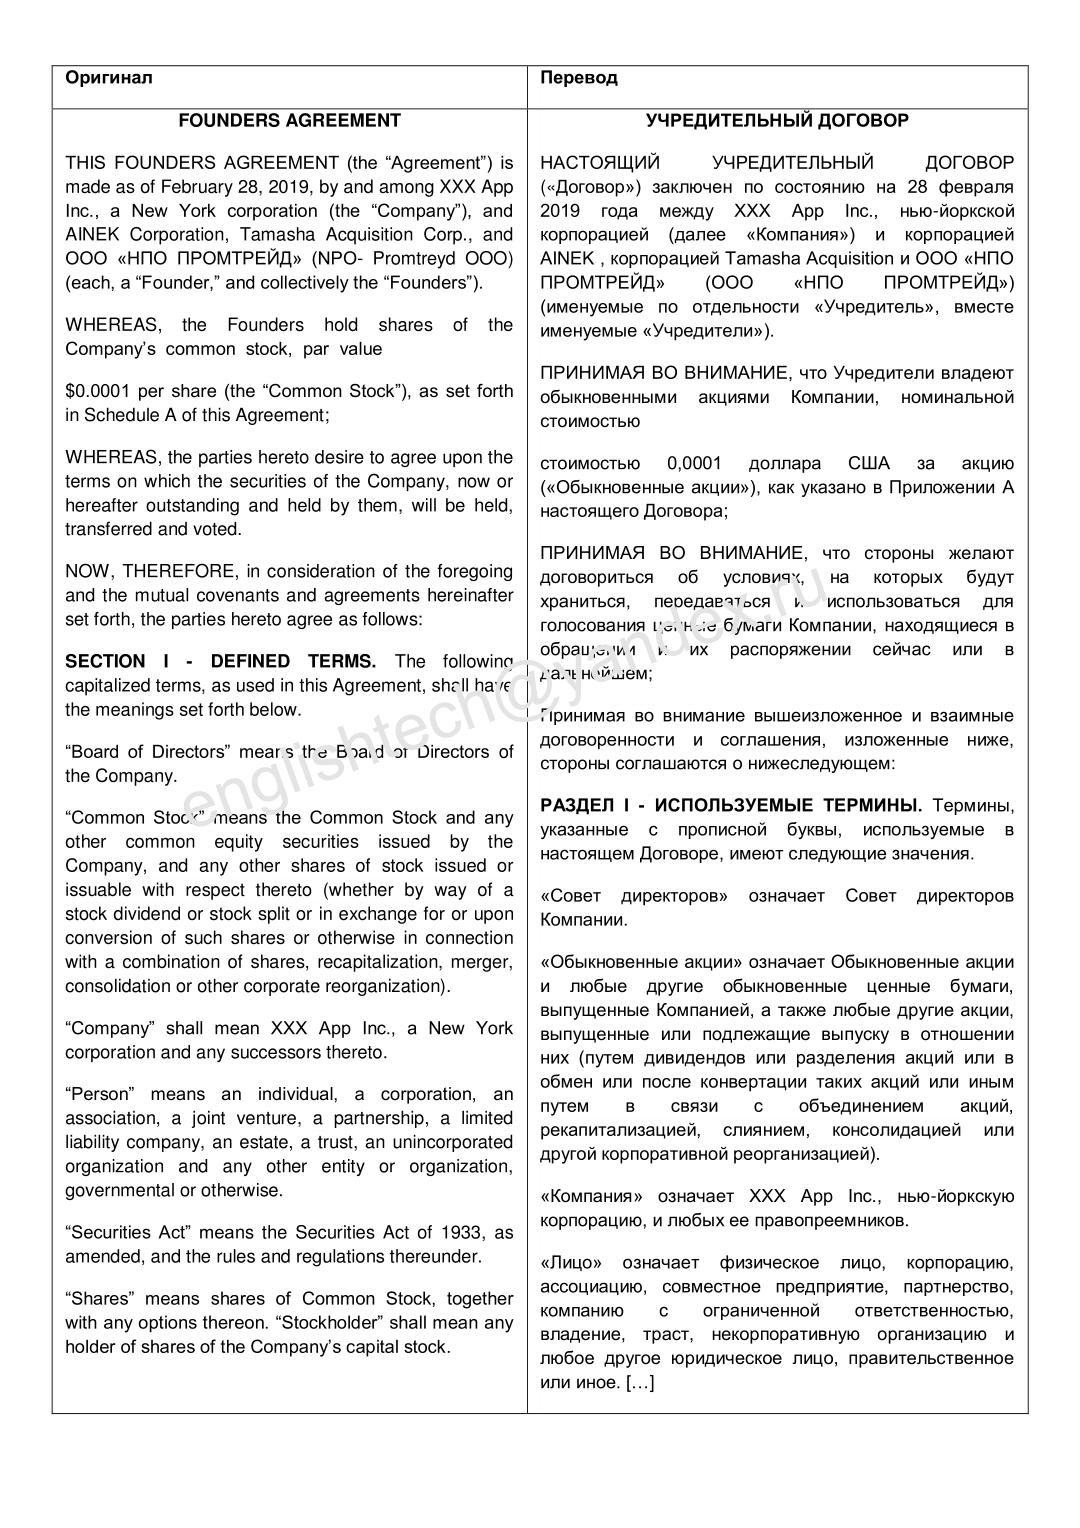 Учредительный договор (En-Ru)